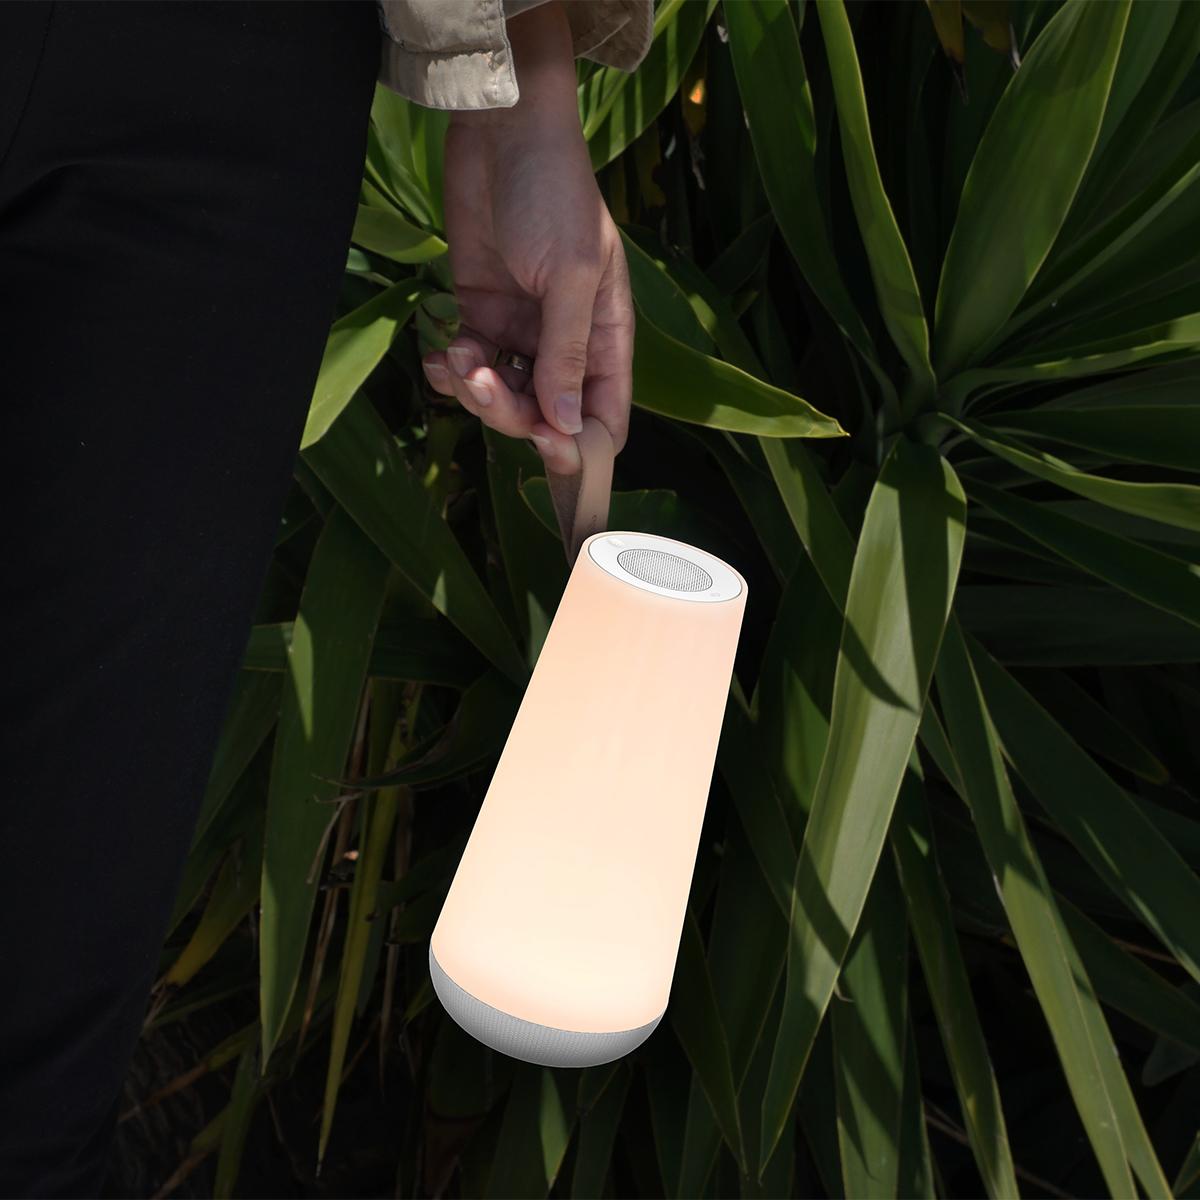 親しい人々が寄り添い、集まれるよう、本品には持ち運びに便利なレザーストラップが付いています。「音」と「光」の調和するワイヤレスHi-Fiスピーカー|Pablo UMA MINI